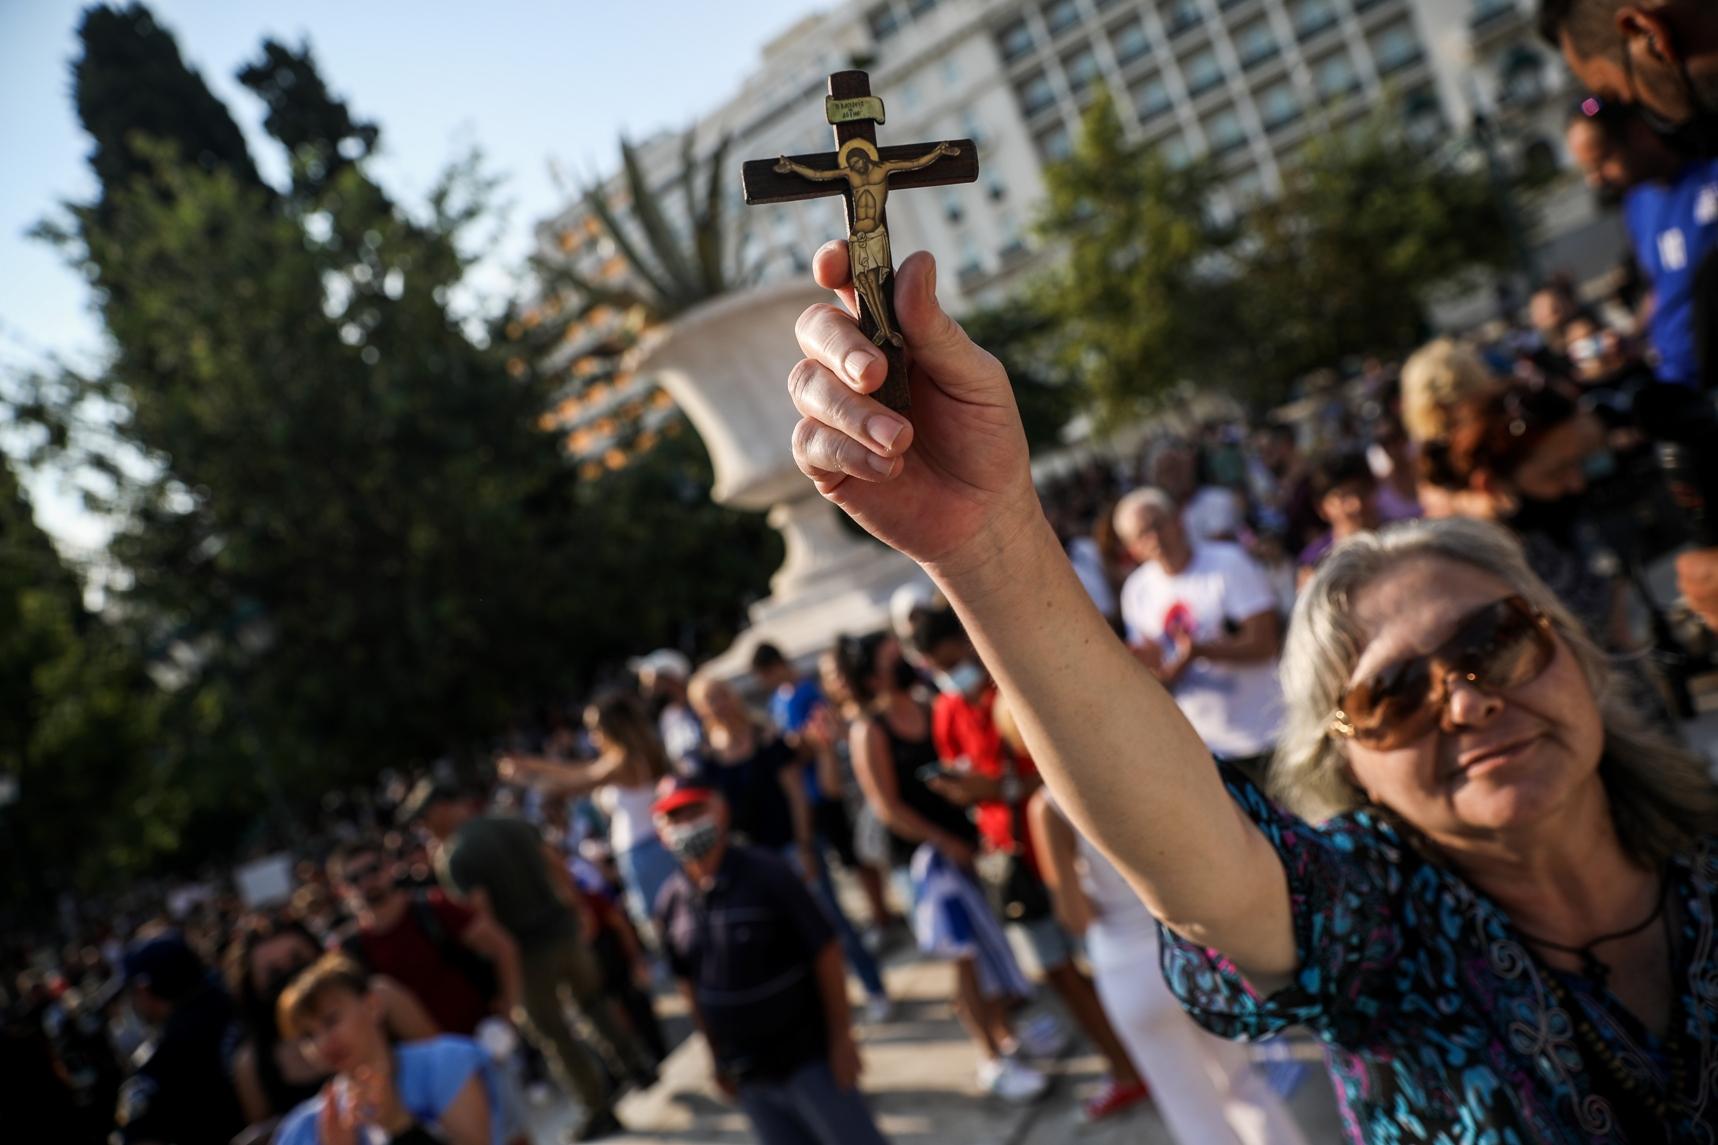 Συγκέντρωση διαμαρτυρίας στην πλατεία Συντάγματος ενάντια στην υποχρεωτικότητα του εμβολιασμού, Τετάρτη 21 Ιουλίου 2021. (EUROKINISSI/ΣΩΤΗΡΗΣ ΔΗΜΗΤΡΟΠΟΥΛΟΣ)